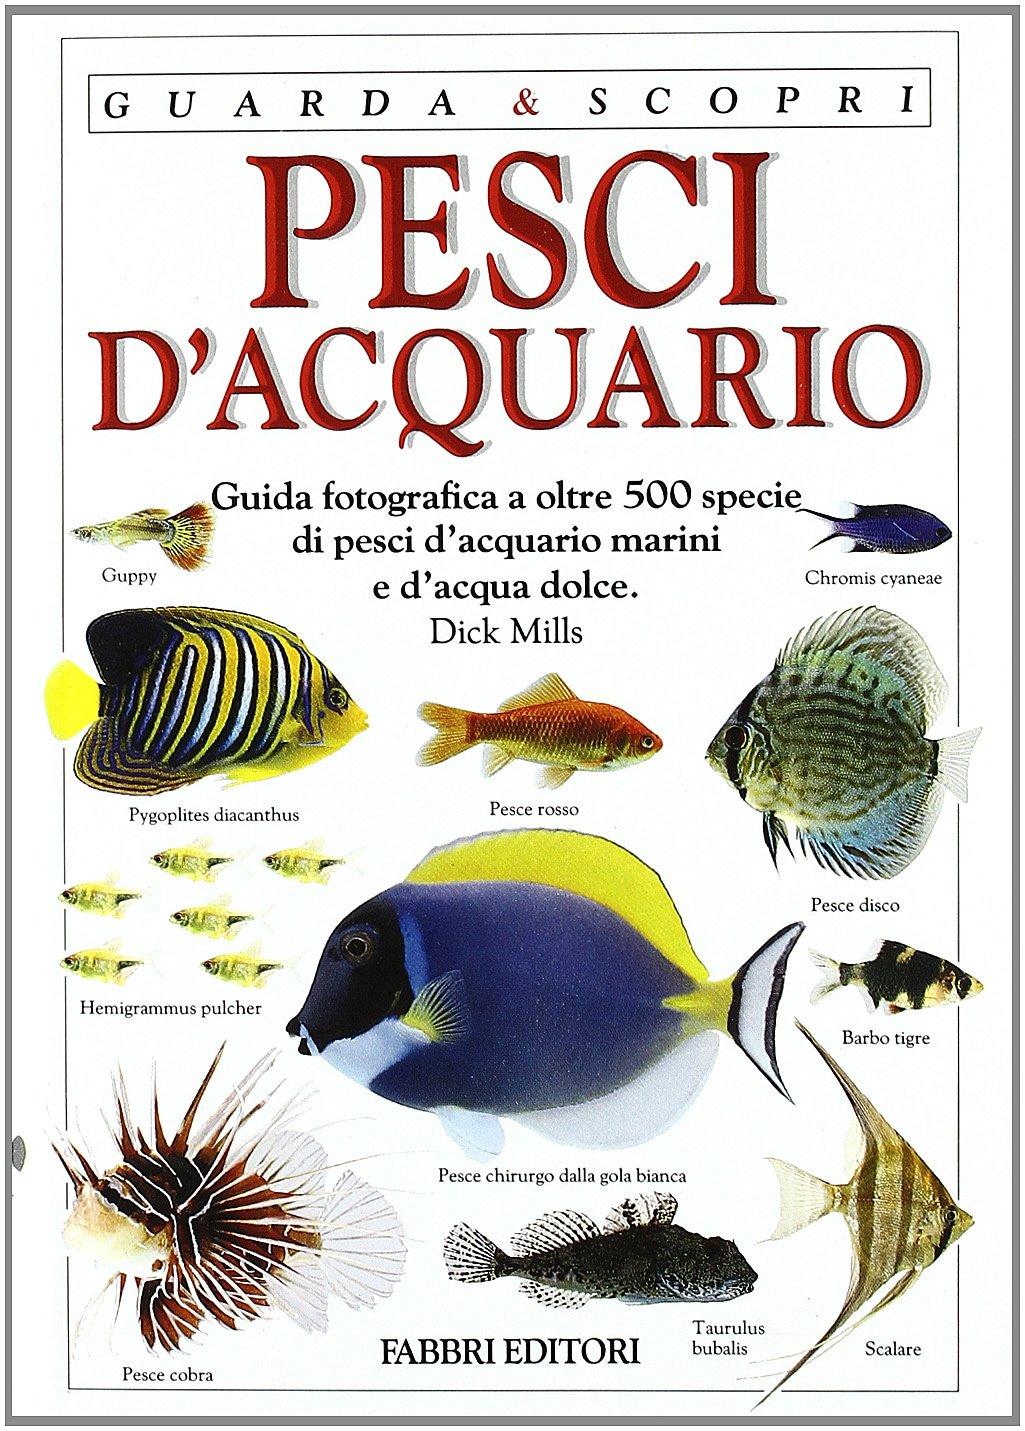 Pesci d'acquario. Ediz. illustrata Copertina flessibile – 9 mar 1994 Dick Mills S. Lavorano E. Lucheschi Fabbri